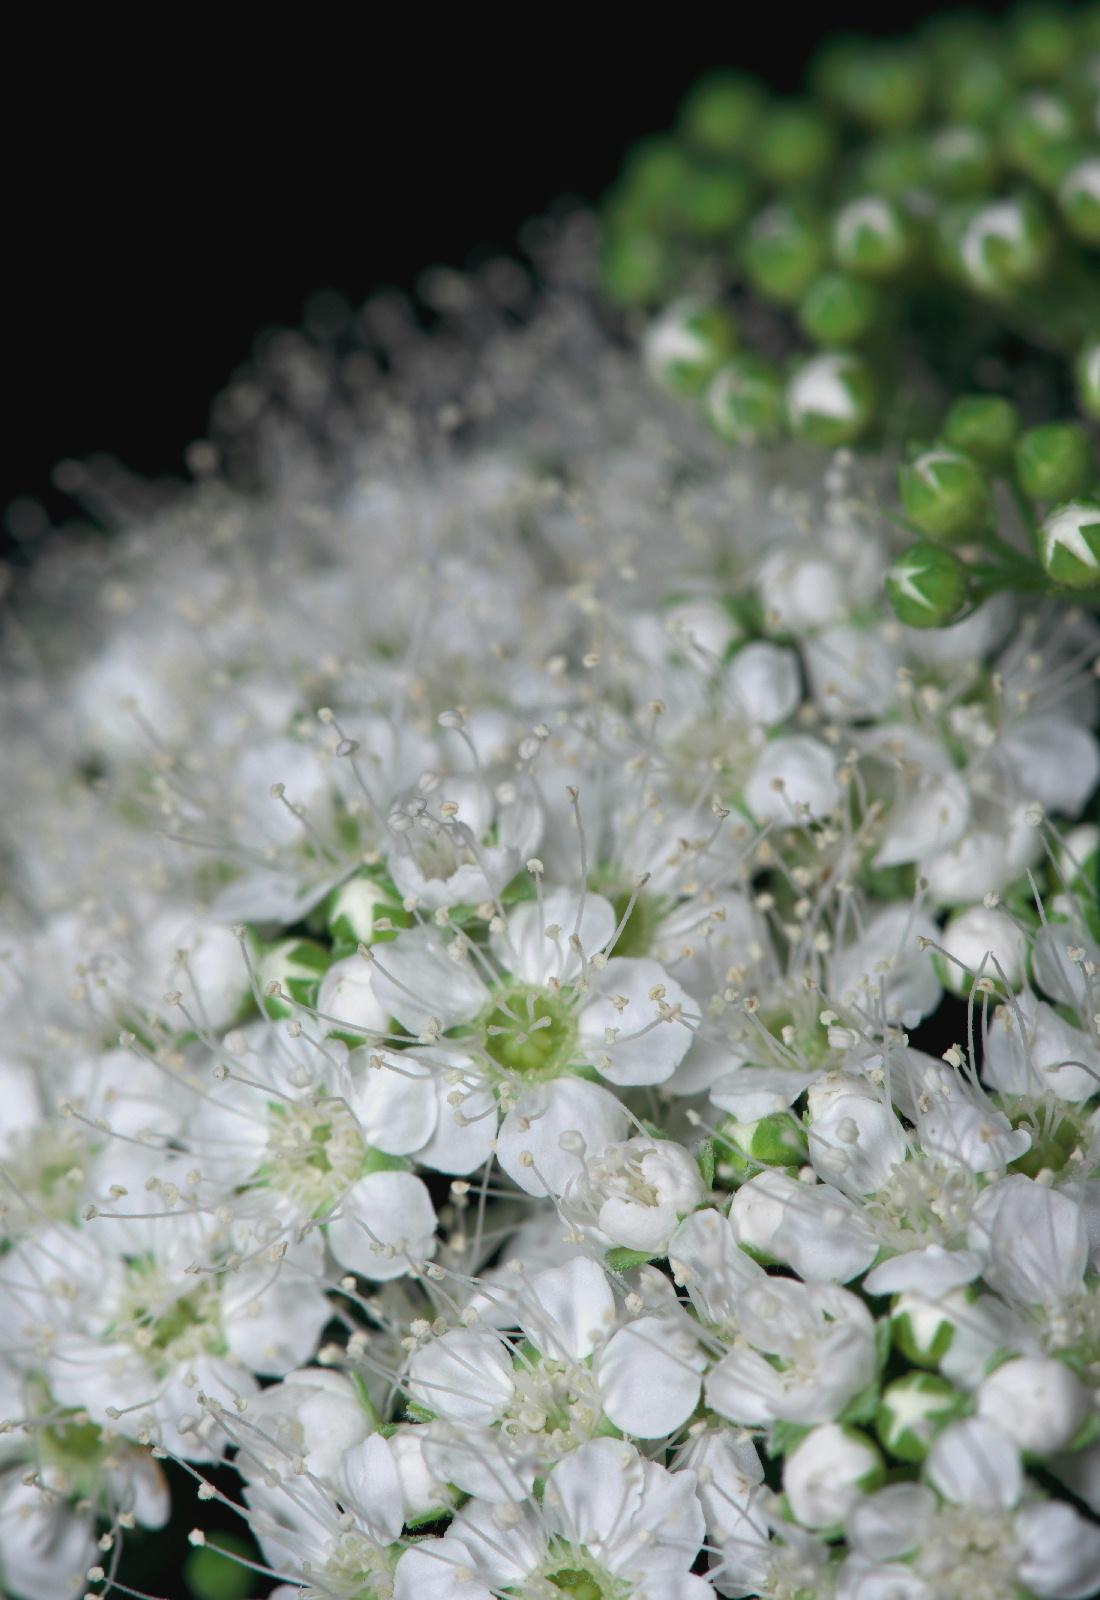 天体望遠鏡でお庭の花を撮る遊び_f0346040_21144166.jpg